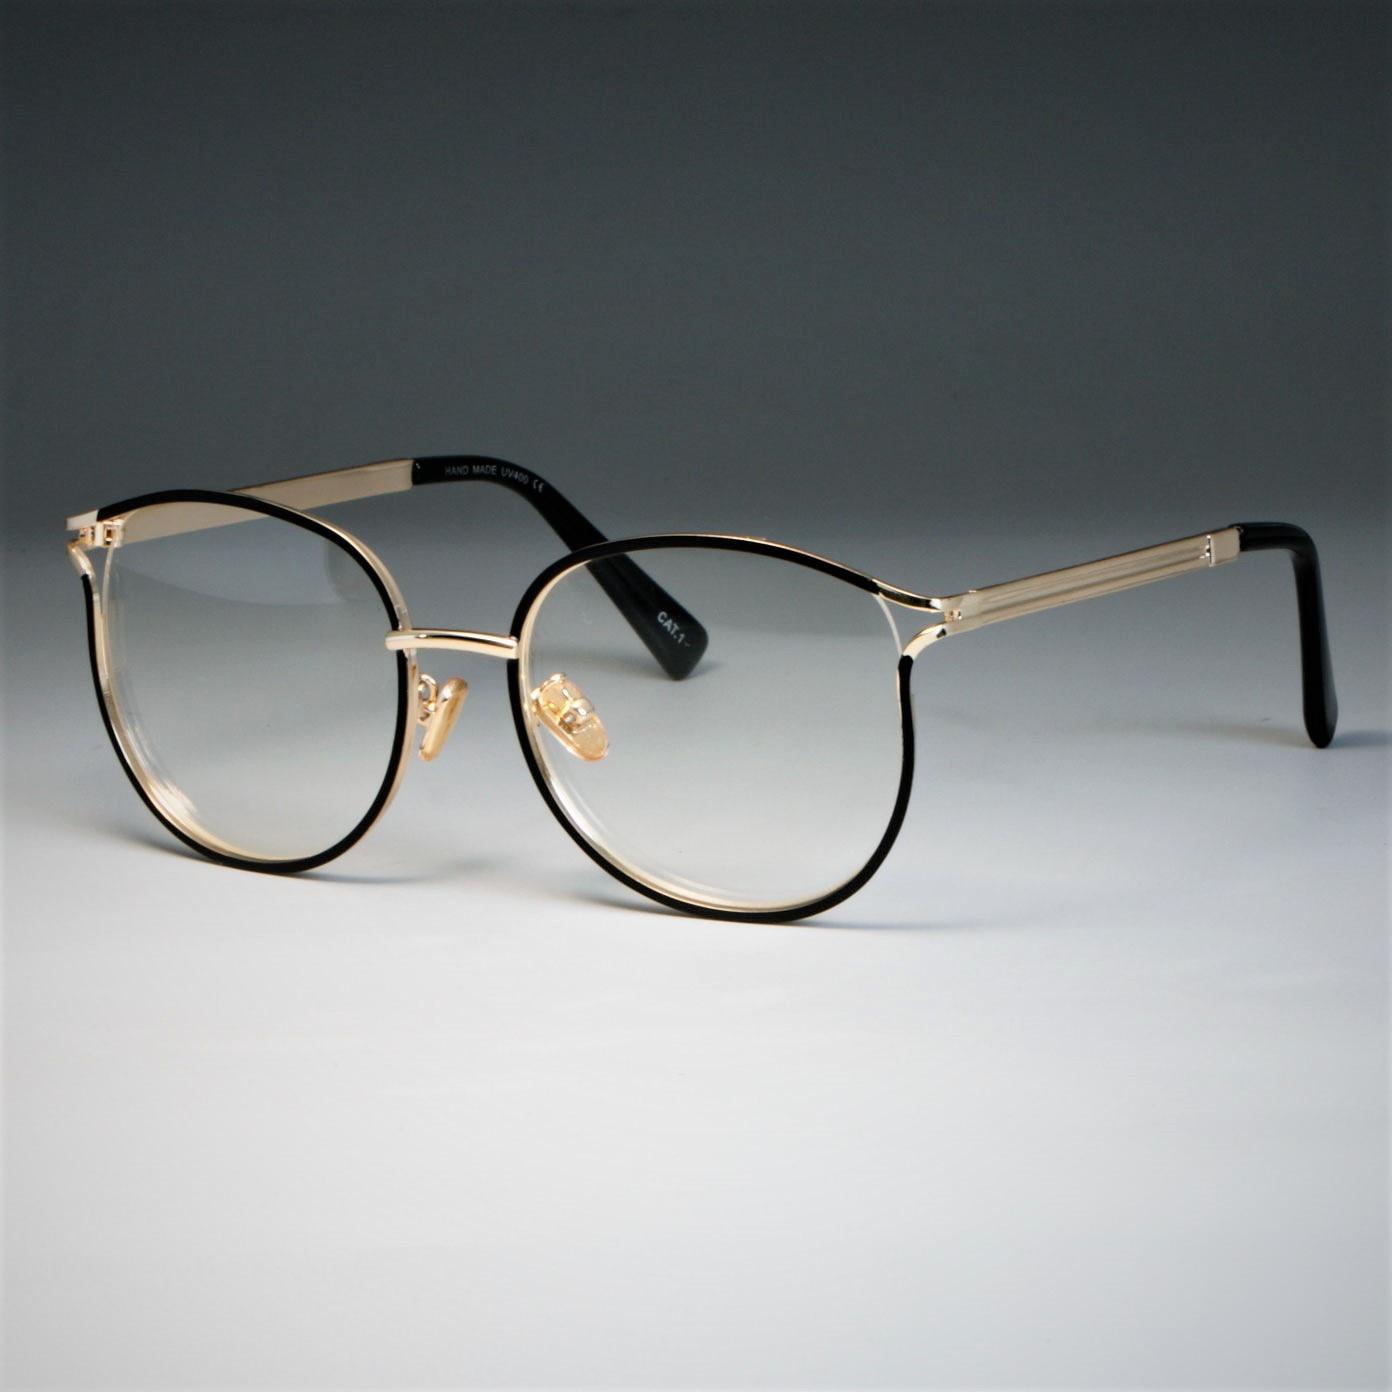 Aliexpress.com : Buy Brand Designer Cat Eye Glasses Frames ...